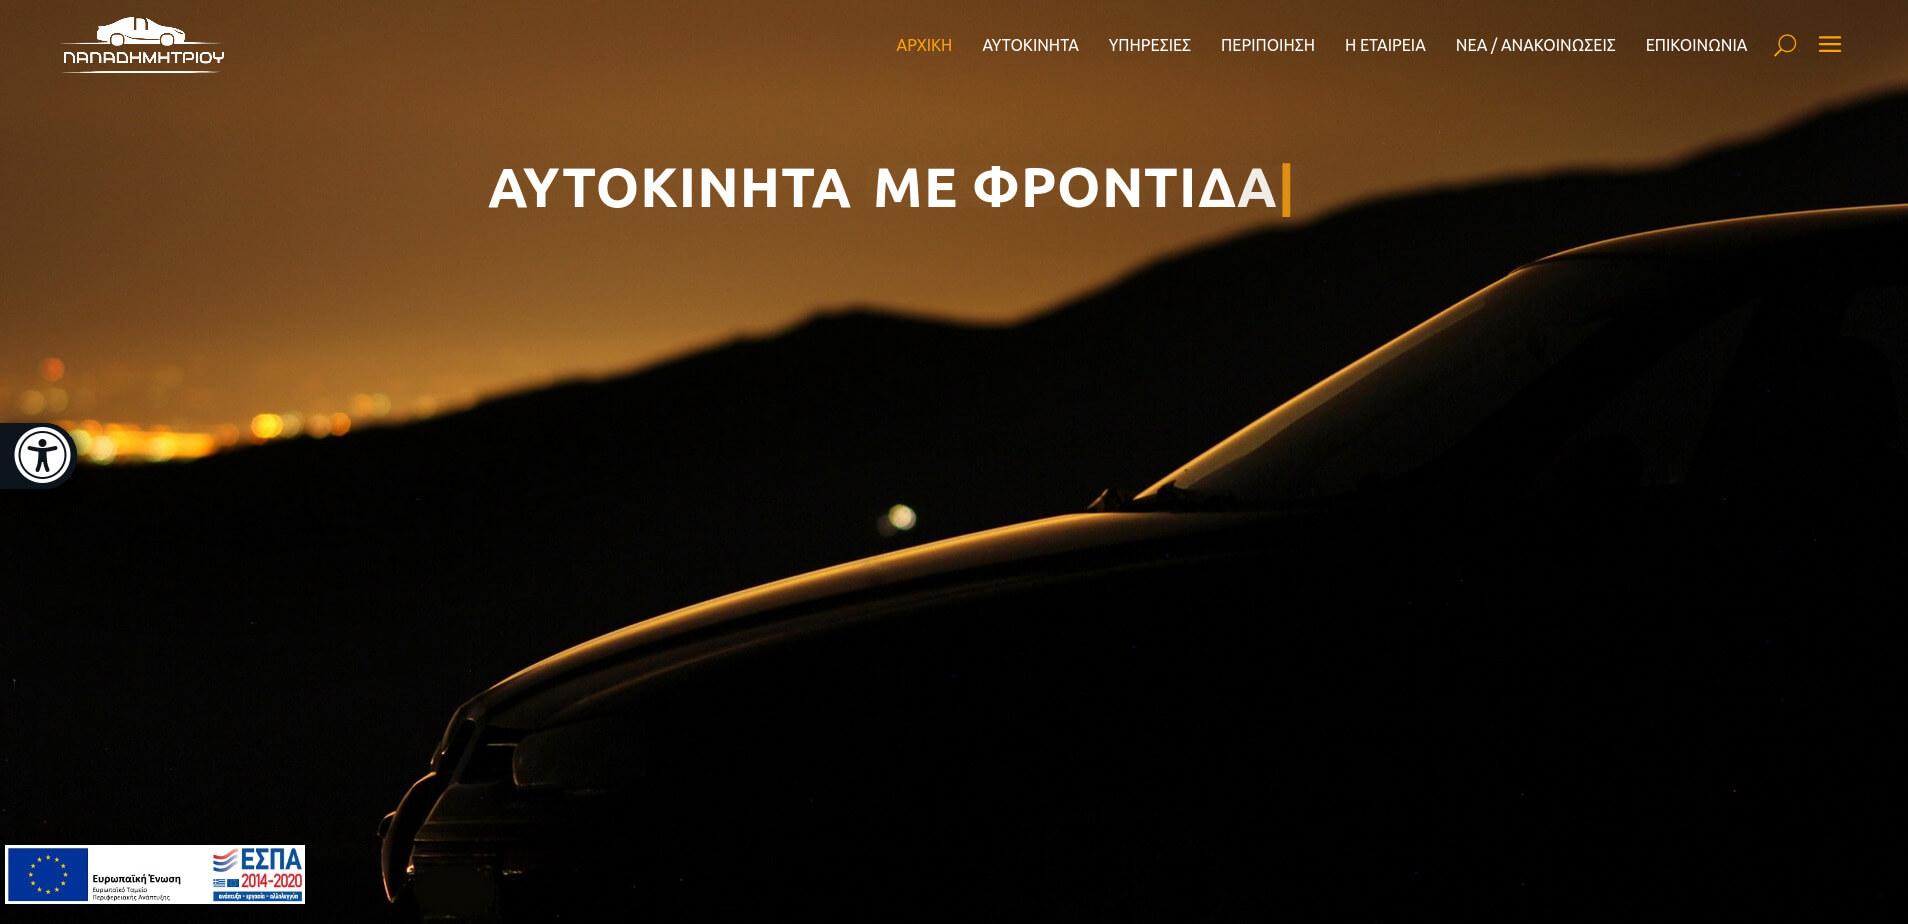 Μπάρα Προσβασιμότητας ΑμεΑ Eucleides - Ιστοσελίδες κατάλληλες για ΑμεΑ σύμφωνα με το πρότυπο WCAG 2.0 - Εγκατάσταση σε όλες τις πλατφόρμες ιστοτόπων - papadimitriou-cars.gr